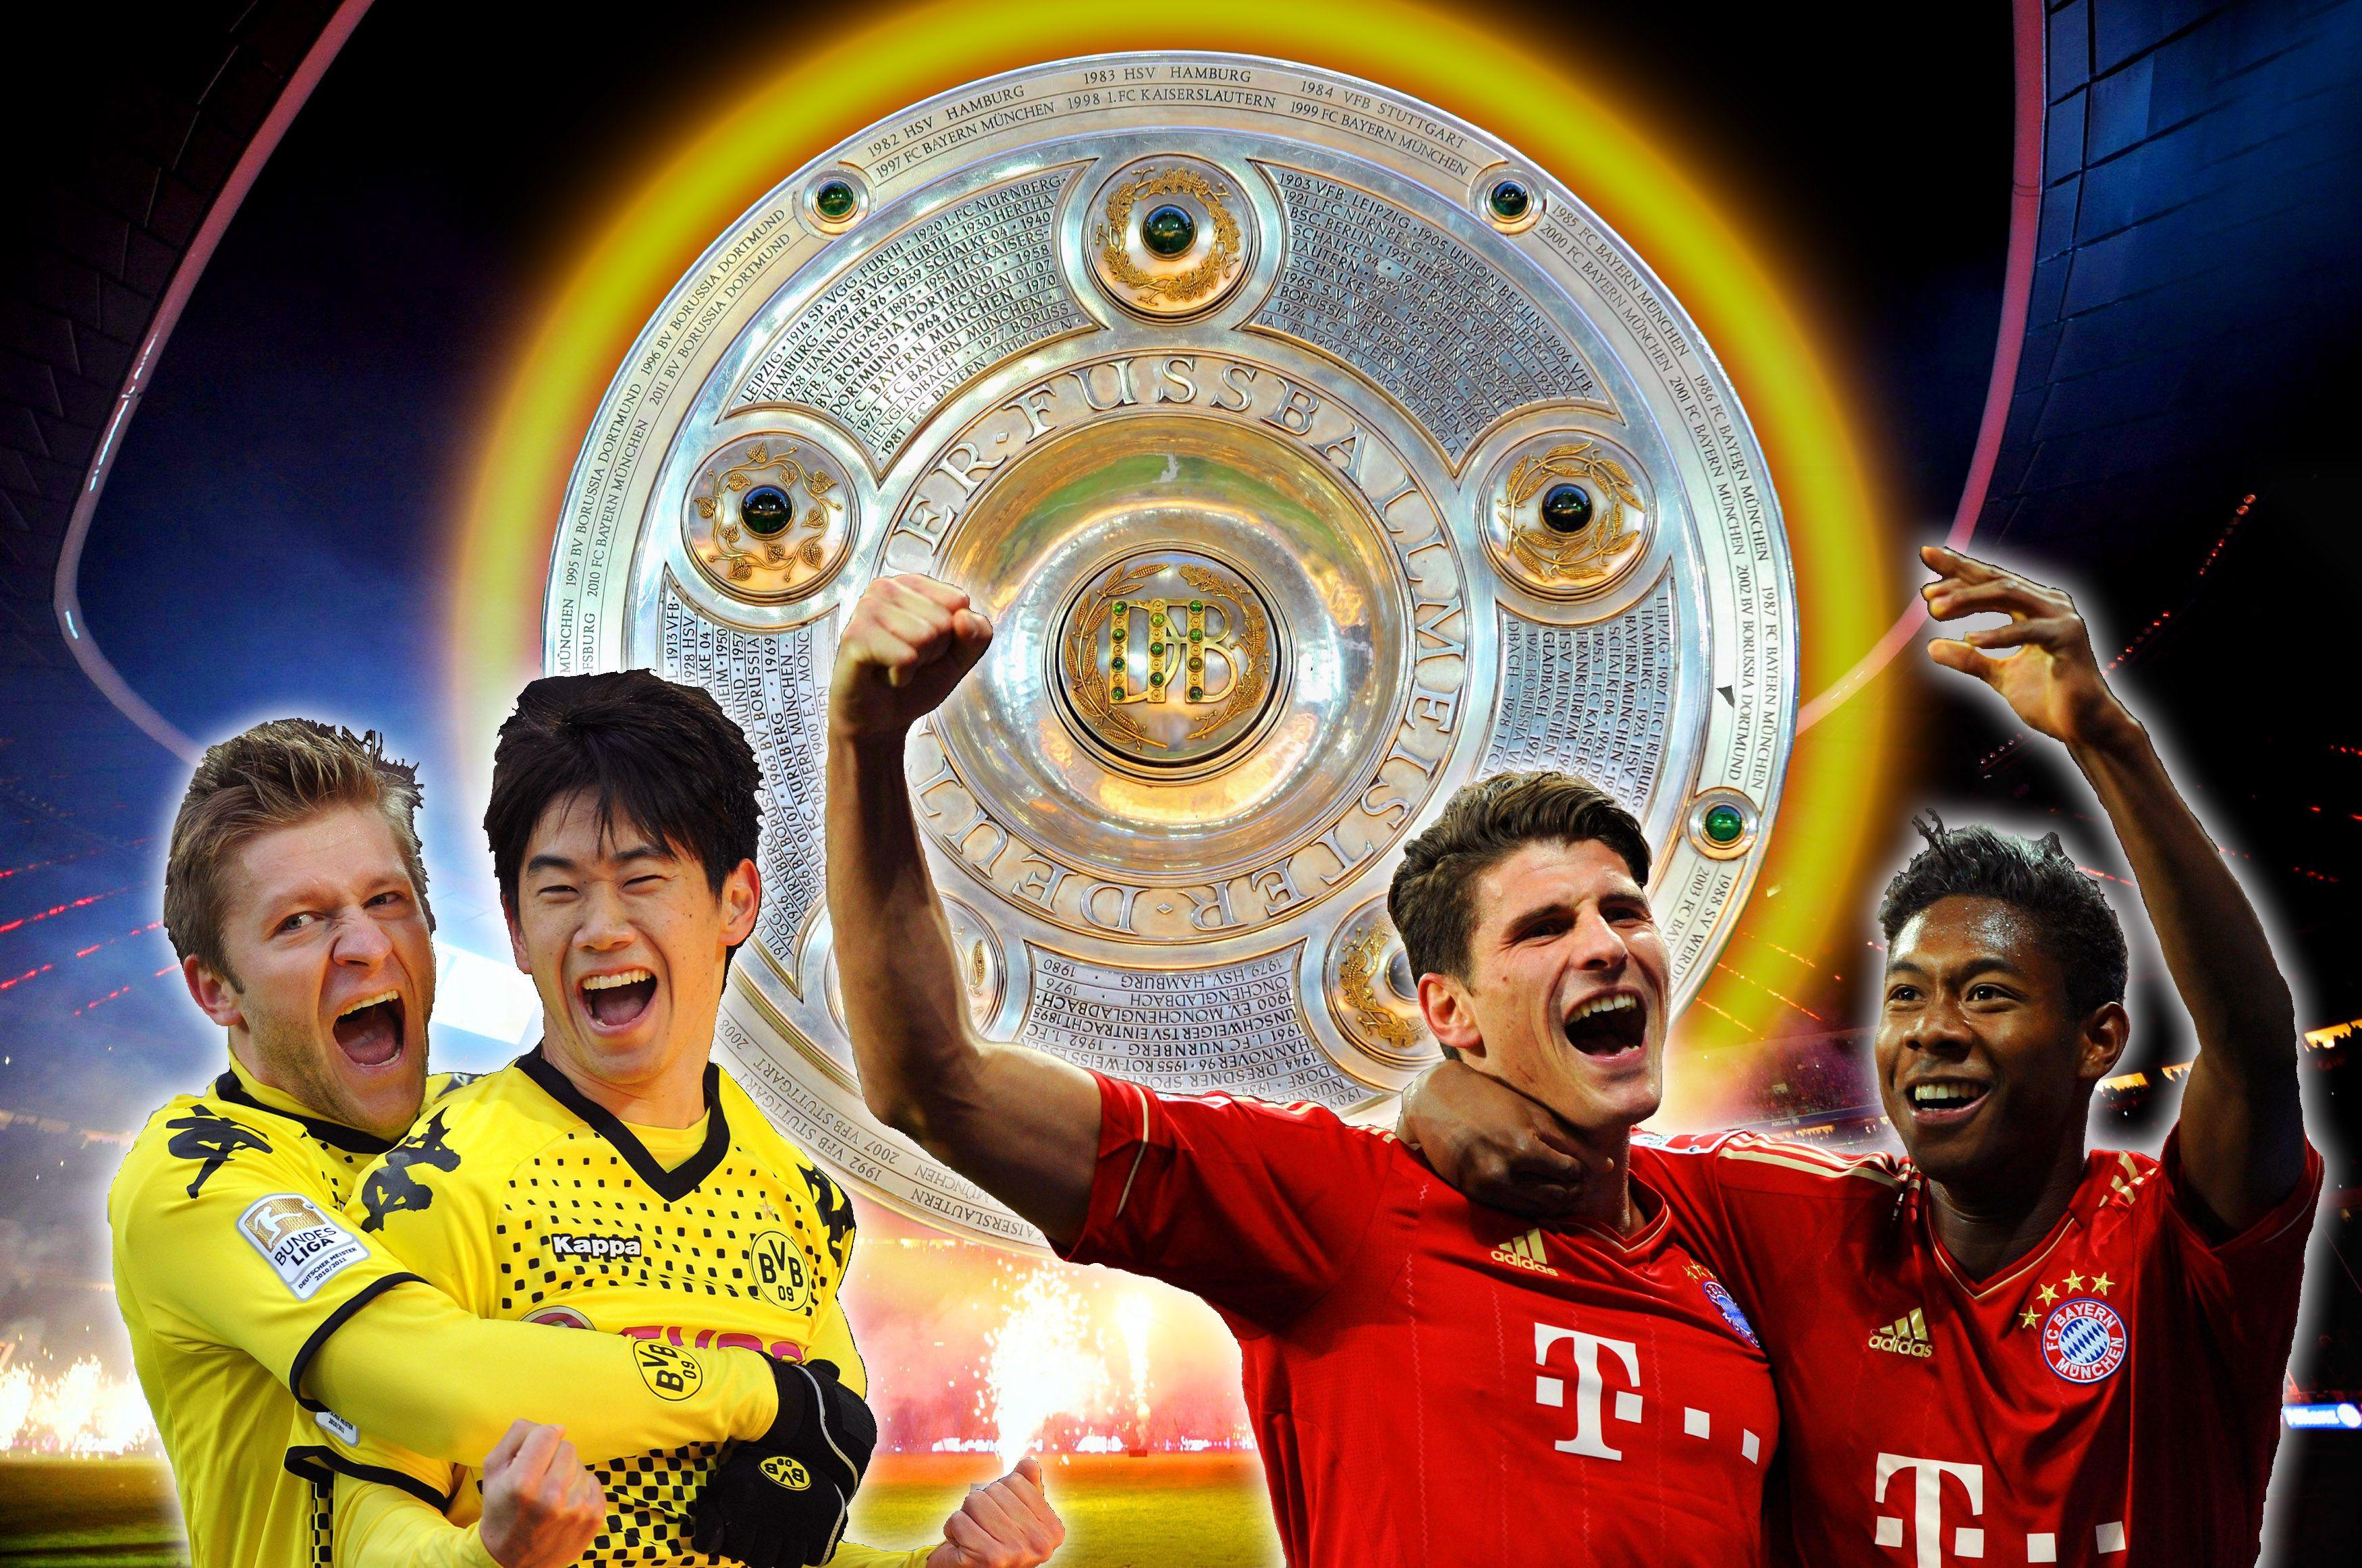 Wird Das Bayern Spiel Heute Гјbertragen